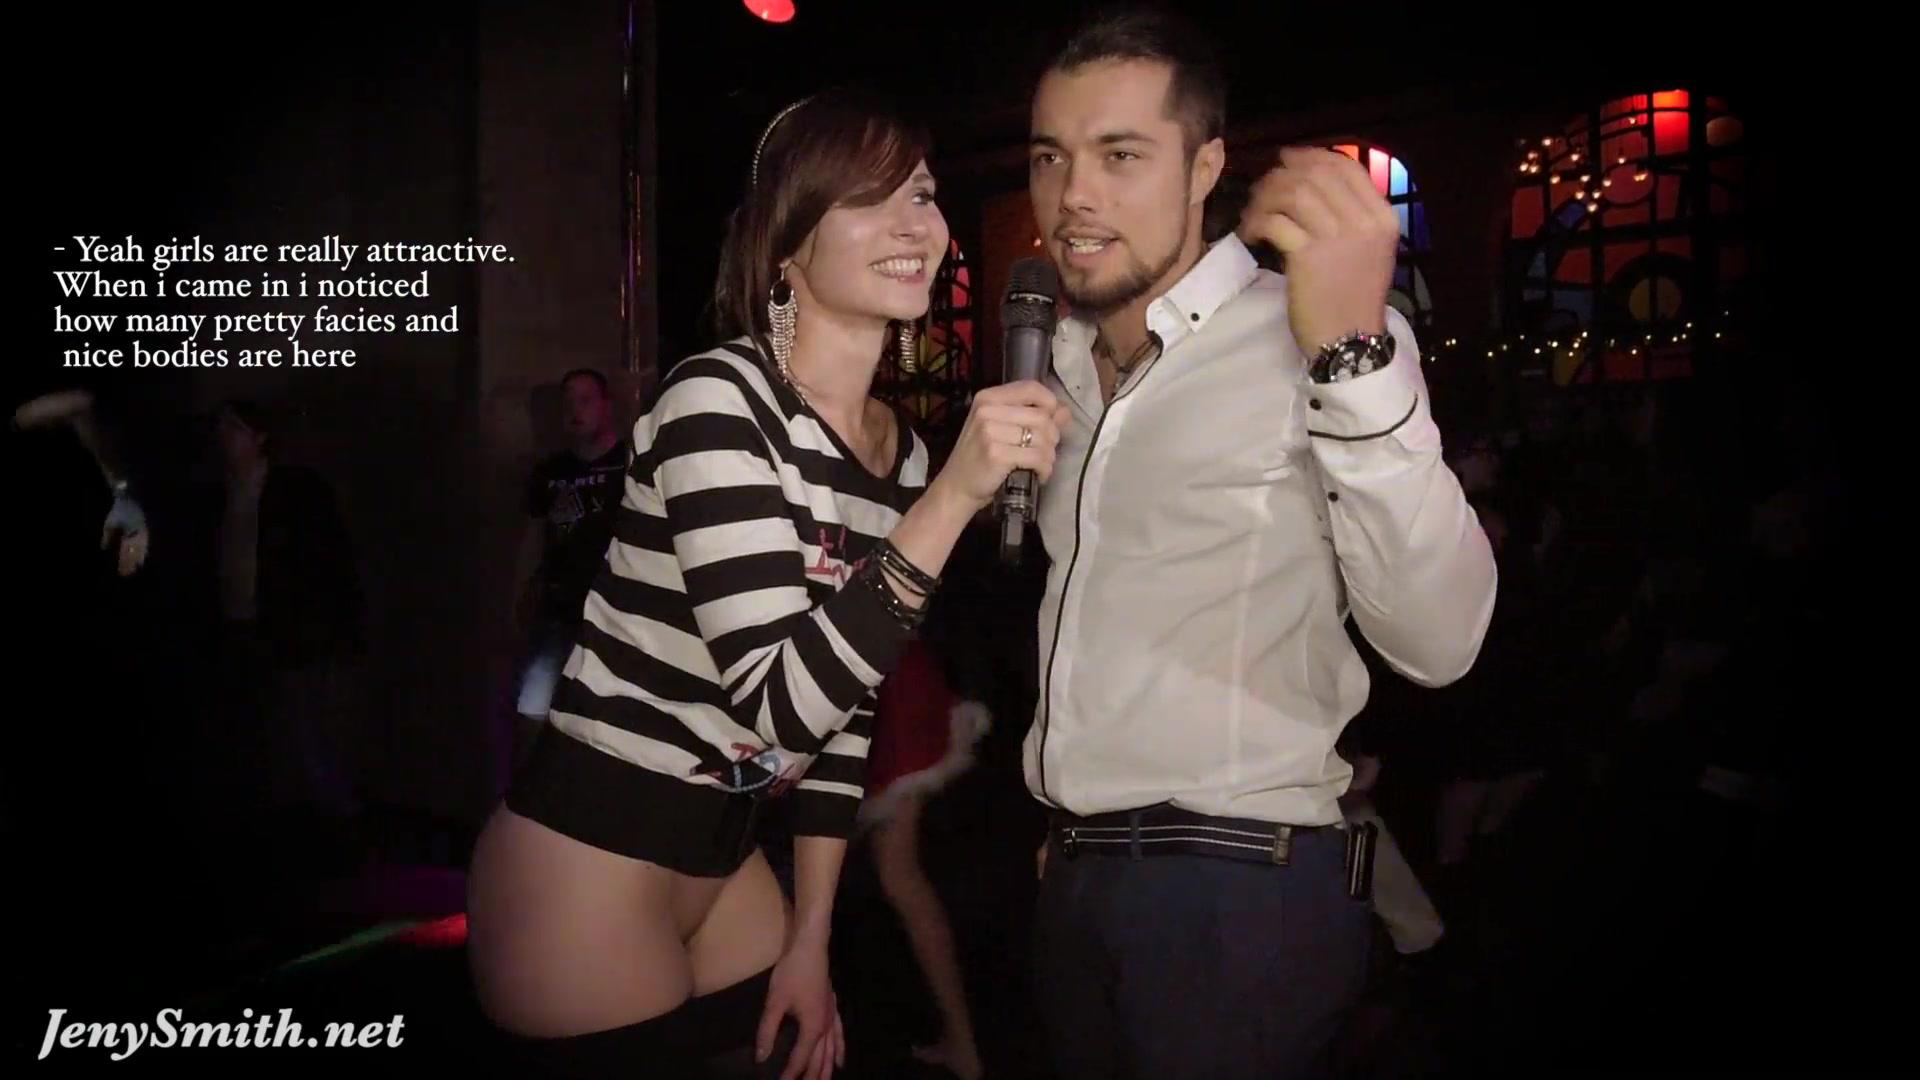 Девушки в клубах без трусов, порно яркий оргазм старой лесбиянки